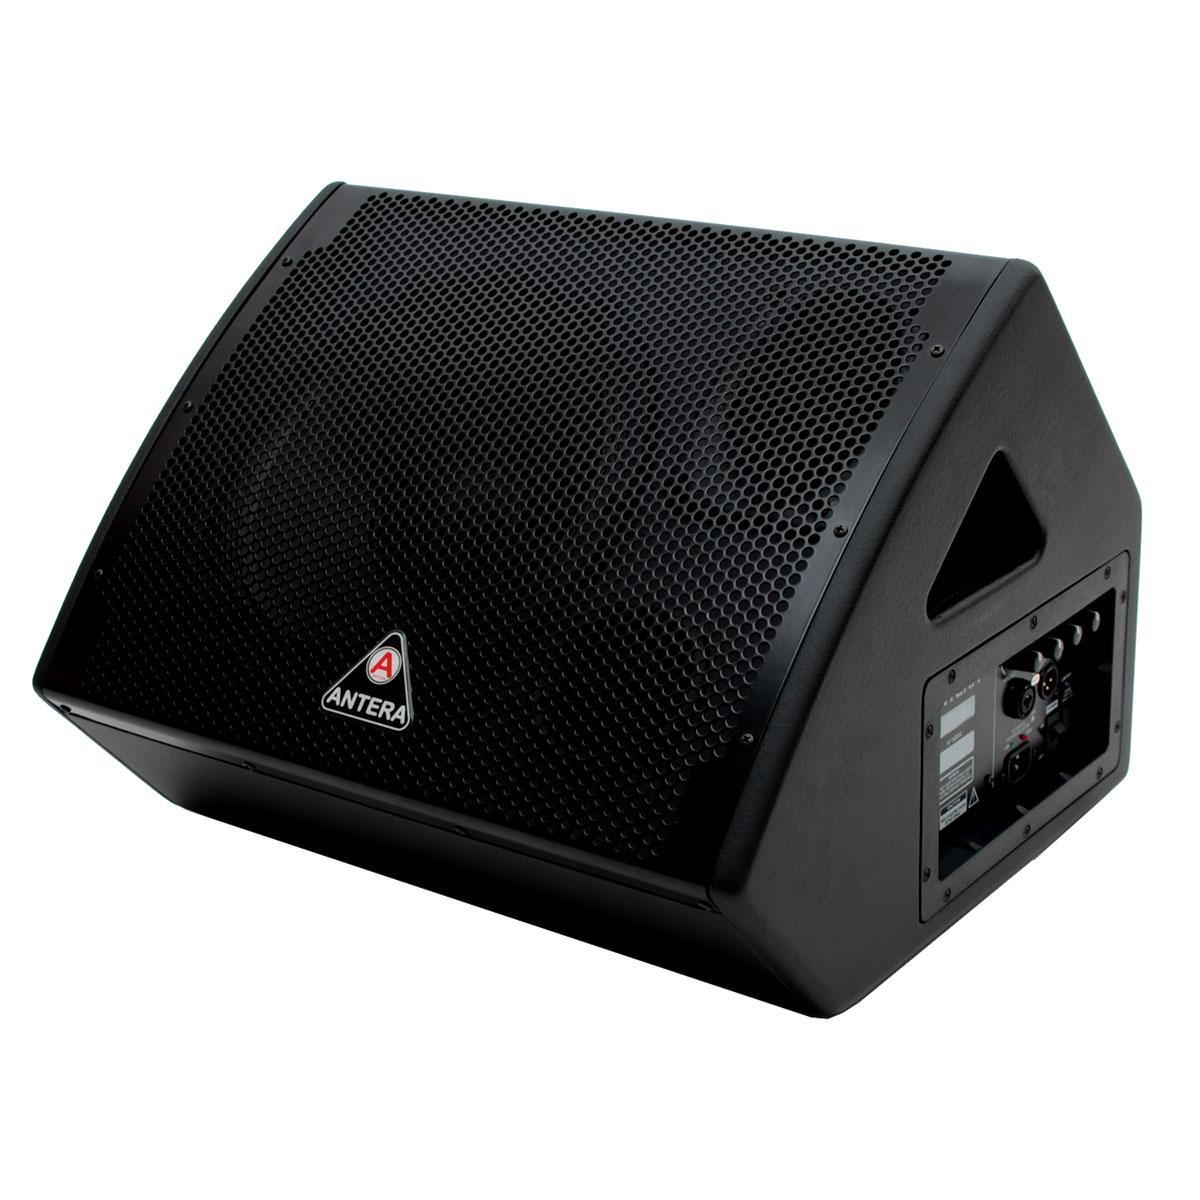 MR10A - Monitor Ativo 150W Preto MR 10A - Antera